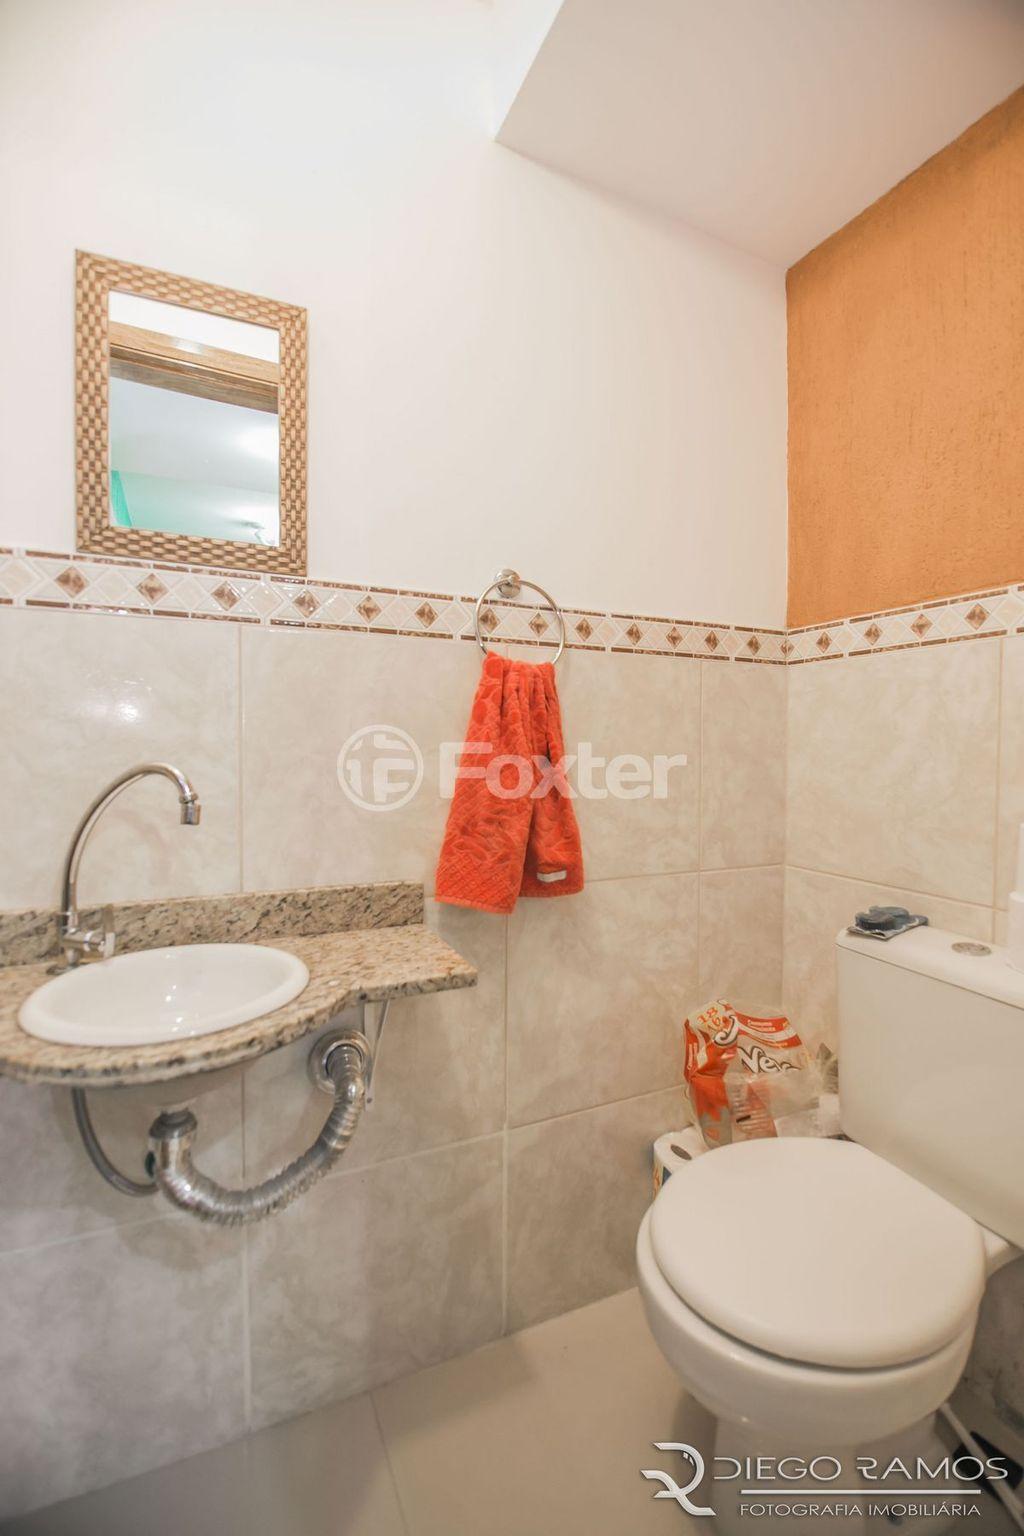 Foxter Imobiliária - Casa 3 Dorm, Camaquã (132851) - Foto 8